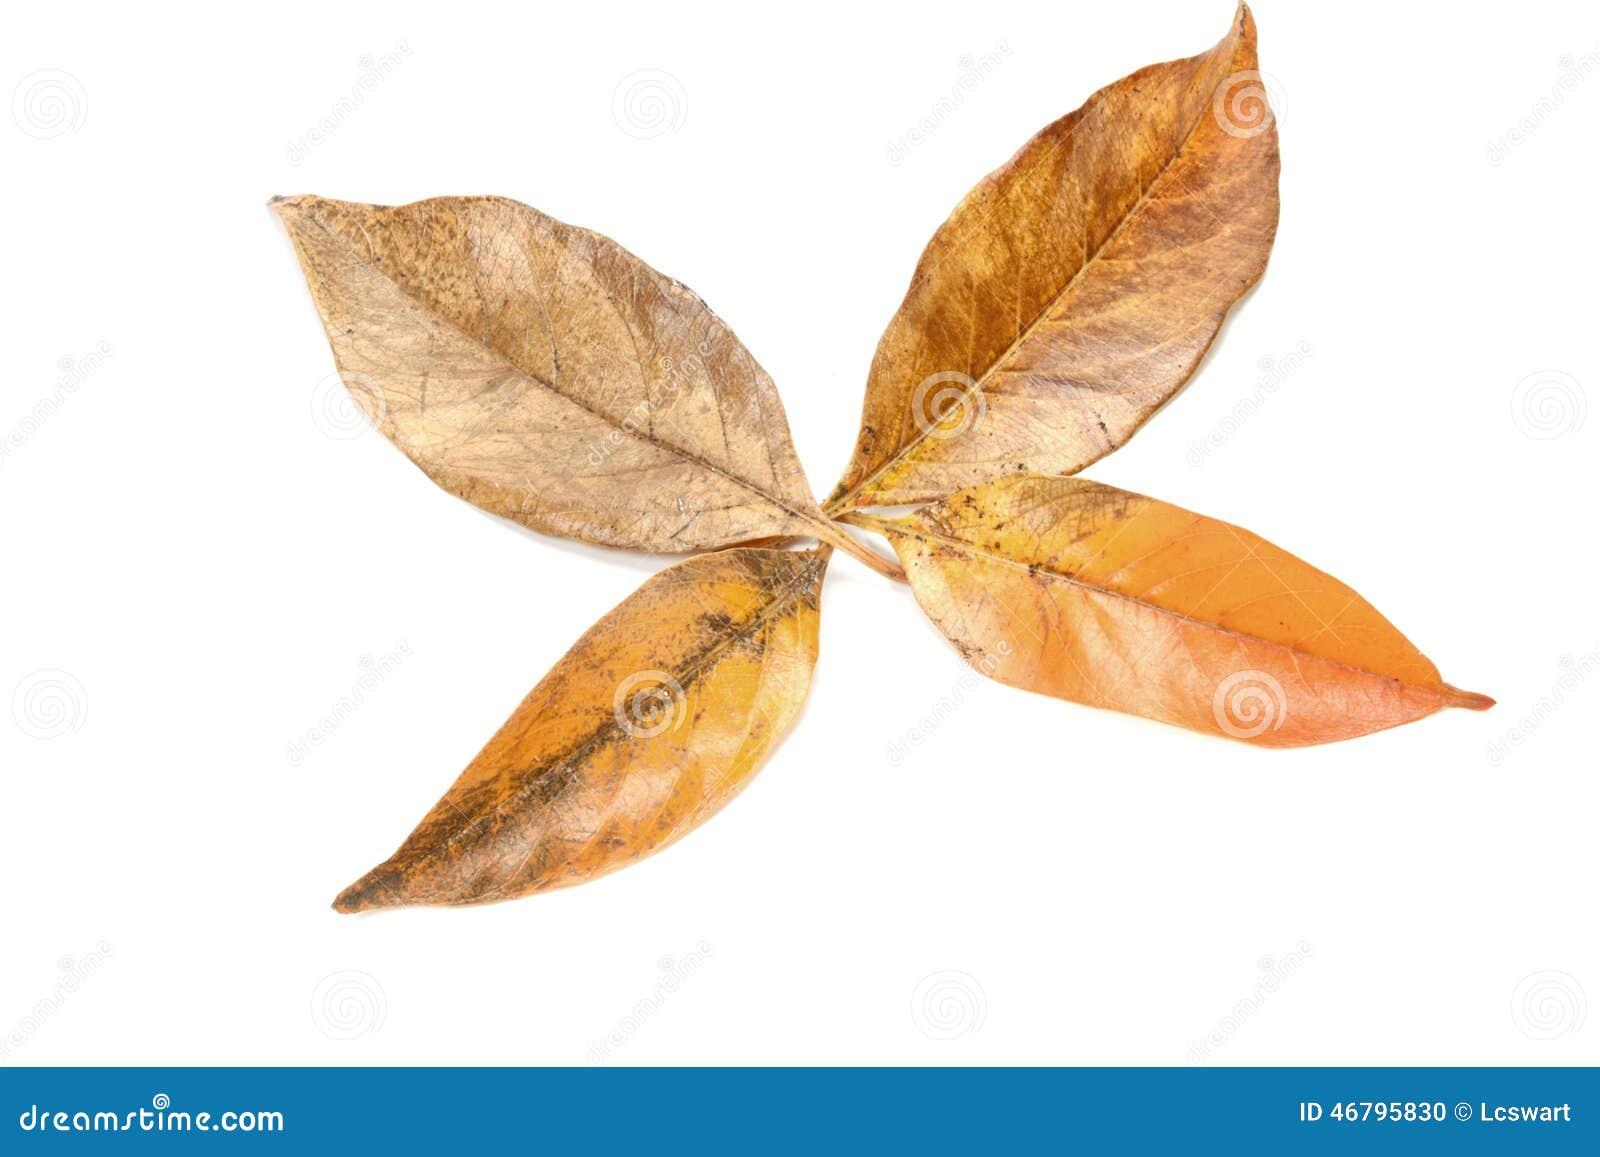 Folhas em Autumn Colors Forming Palmate Pattern